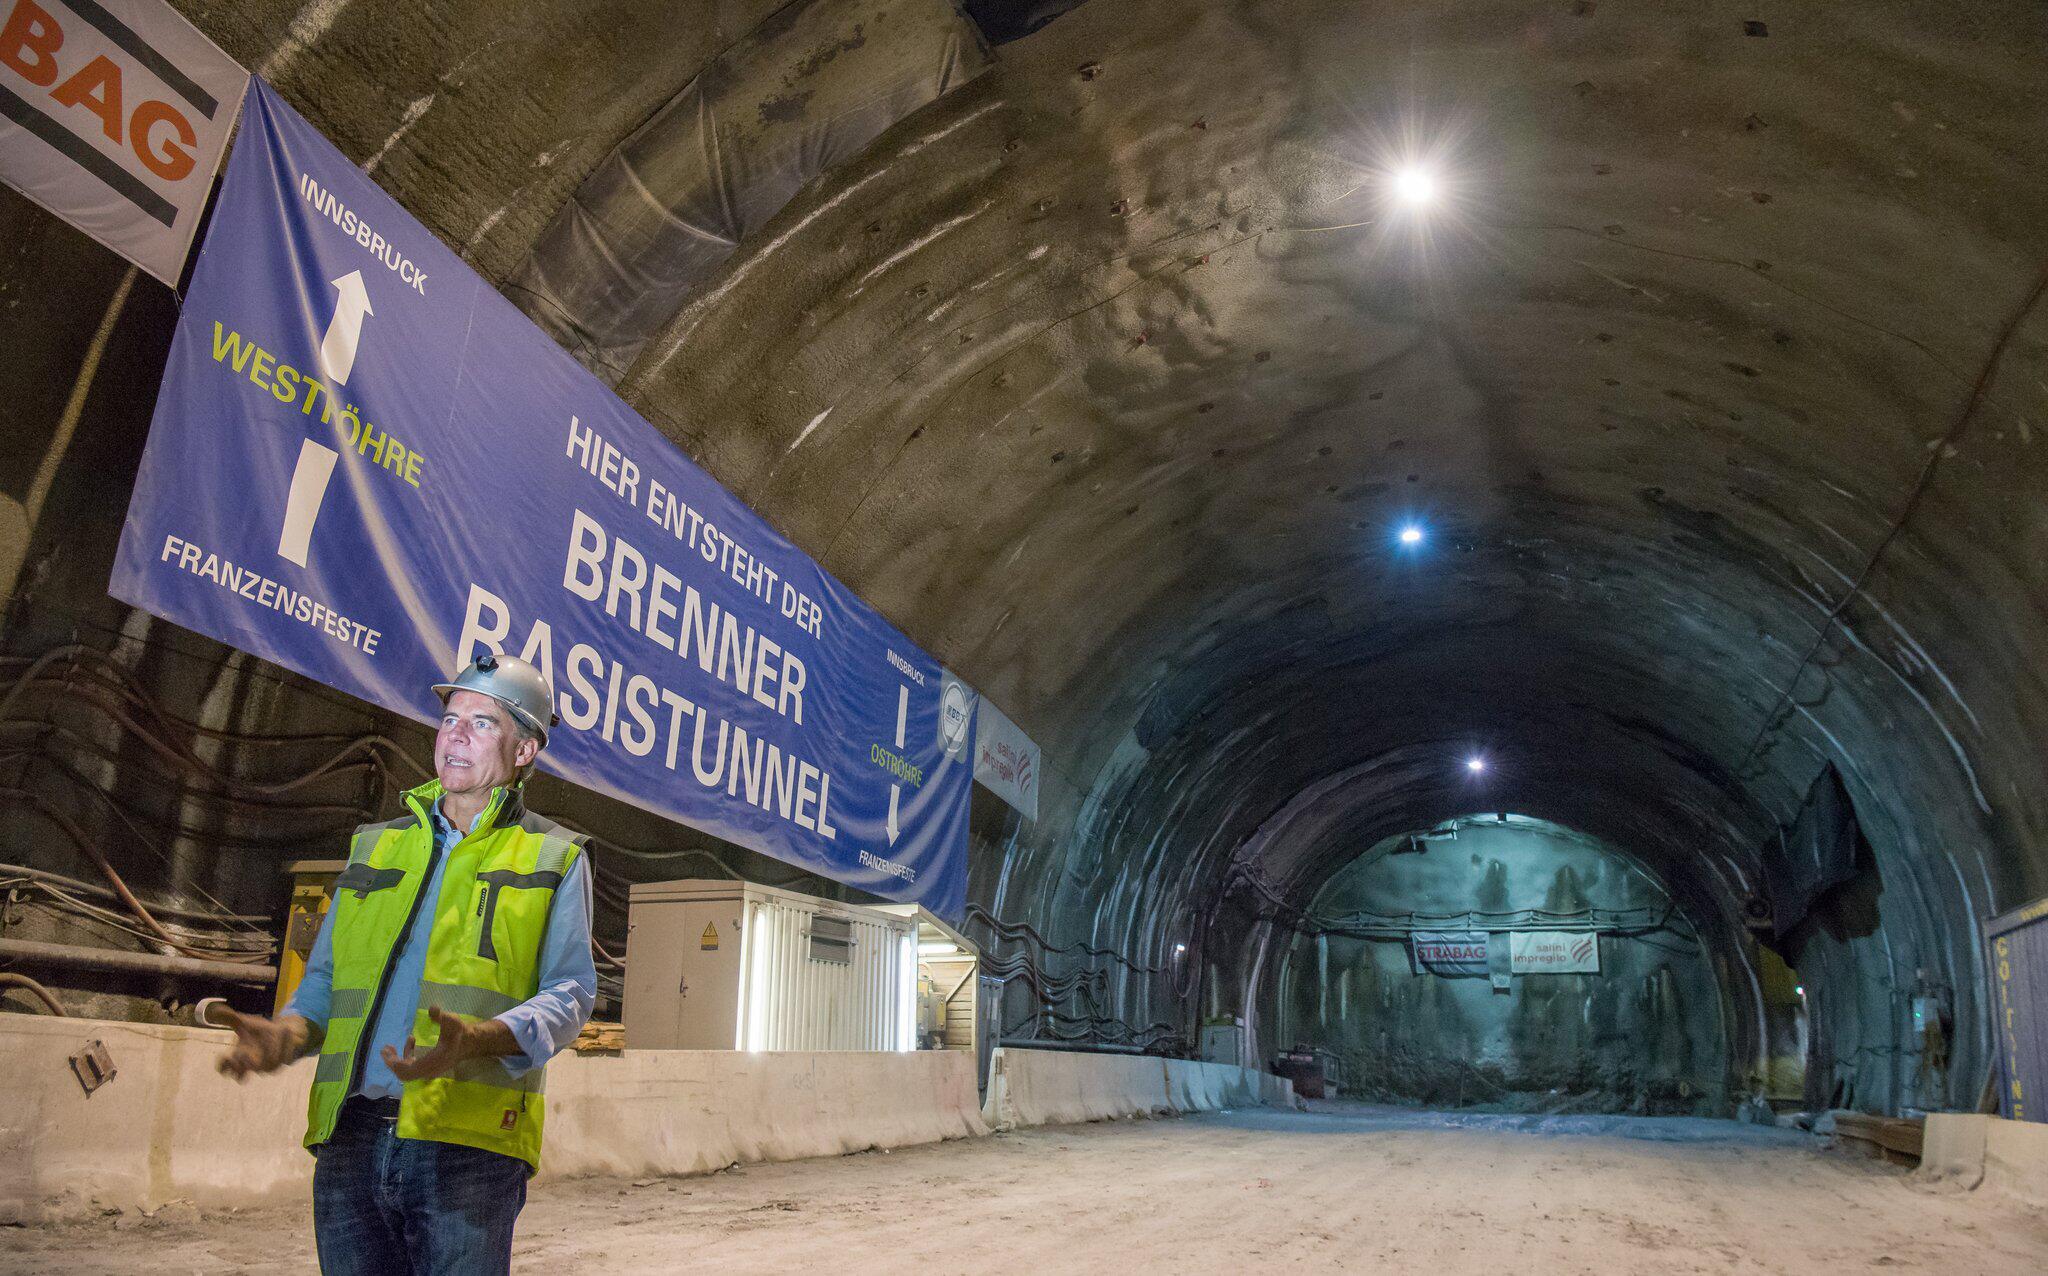 Bild zu Brenner Basistunnel, Baustelle, Halbzeit